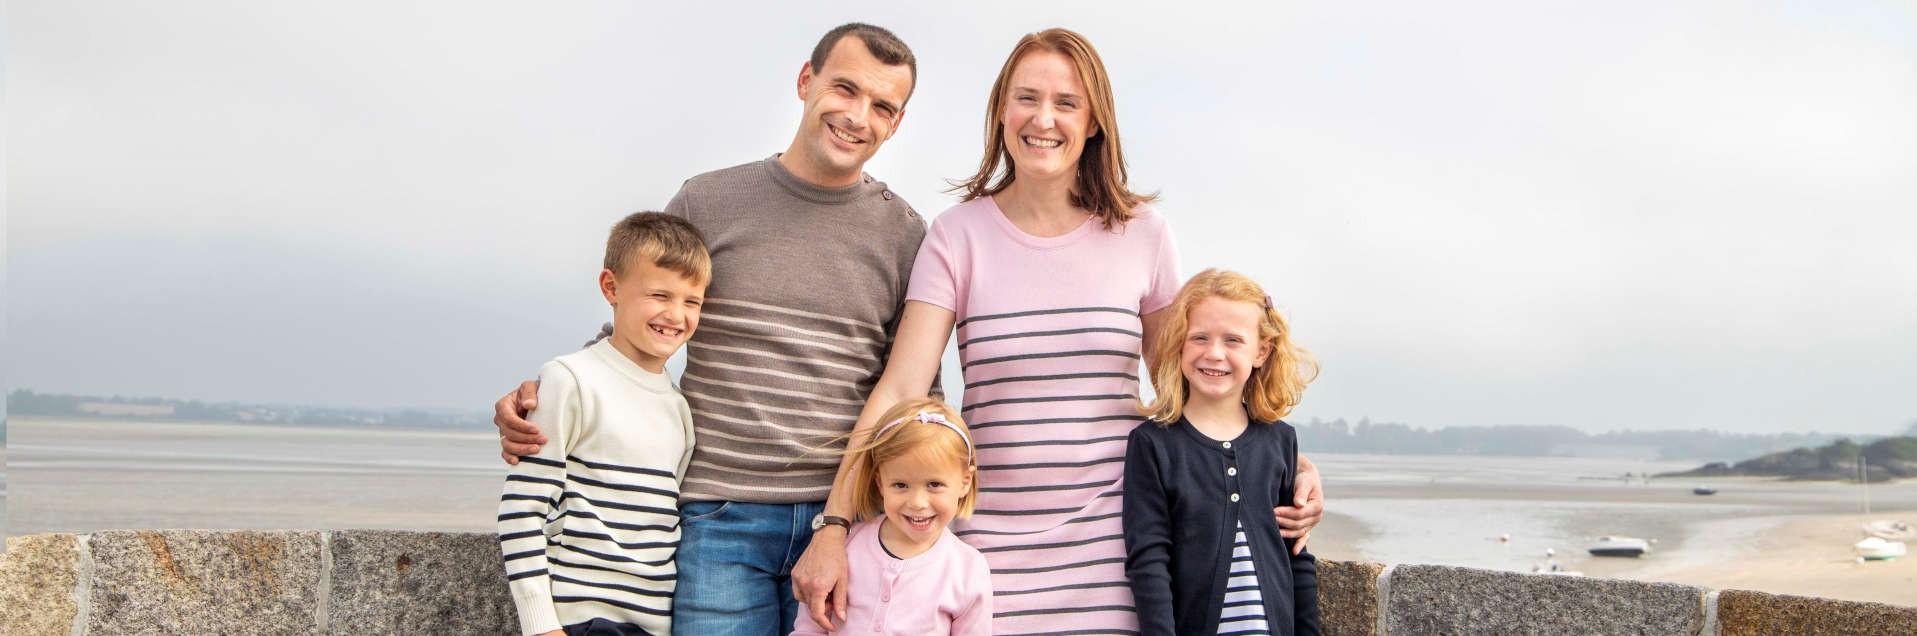 Des pulls de qualité pour toute la famille